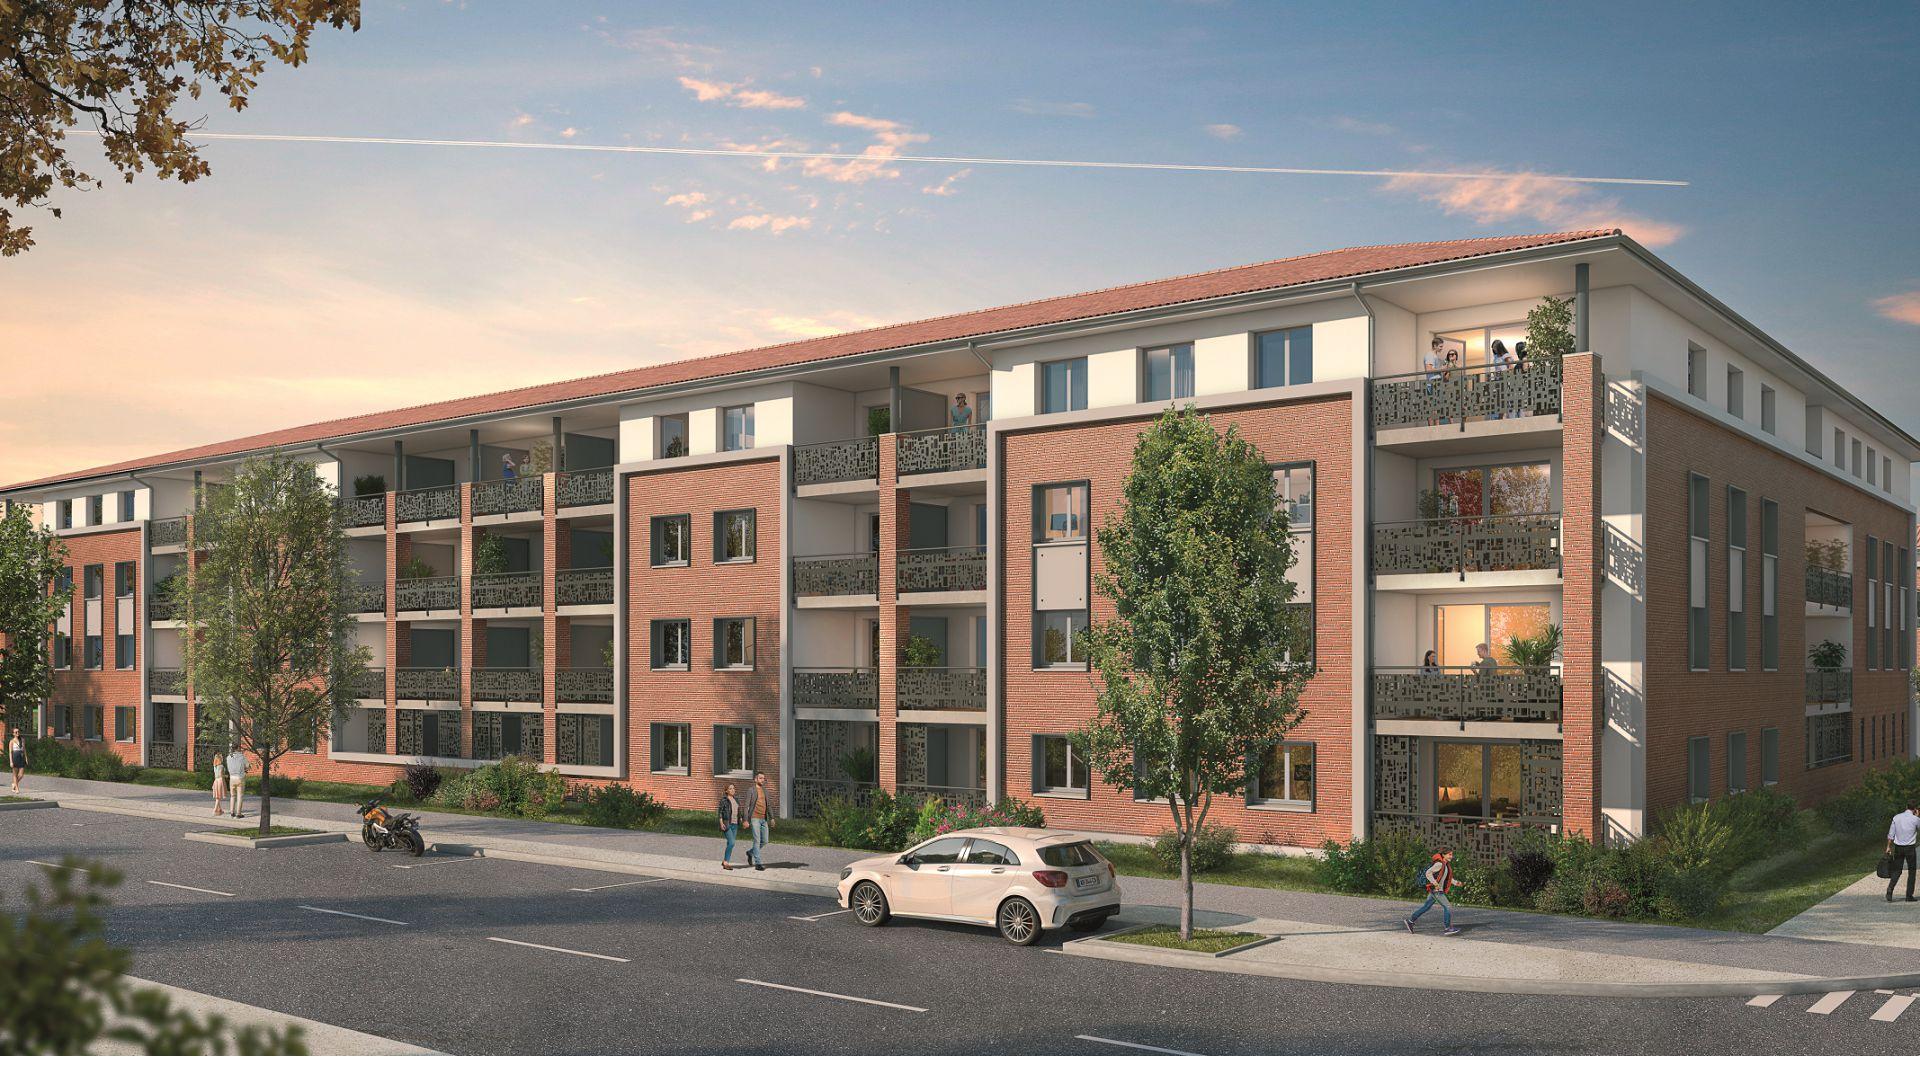 GreenCity immobilier - Plaisance du Touch - 31830 - Résidence Sylvia - appartements neufs du T2 au T4